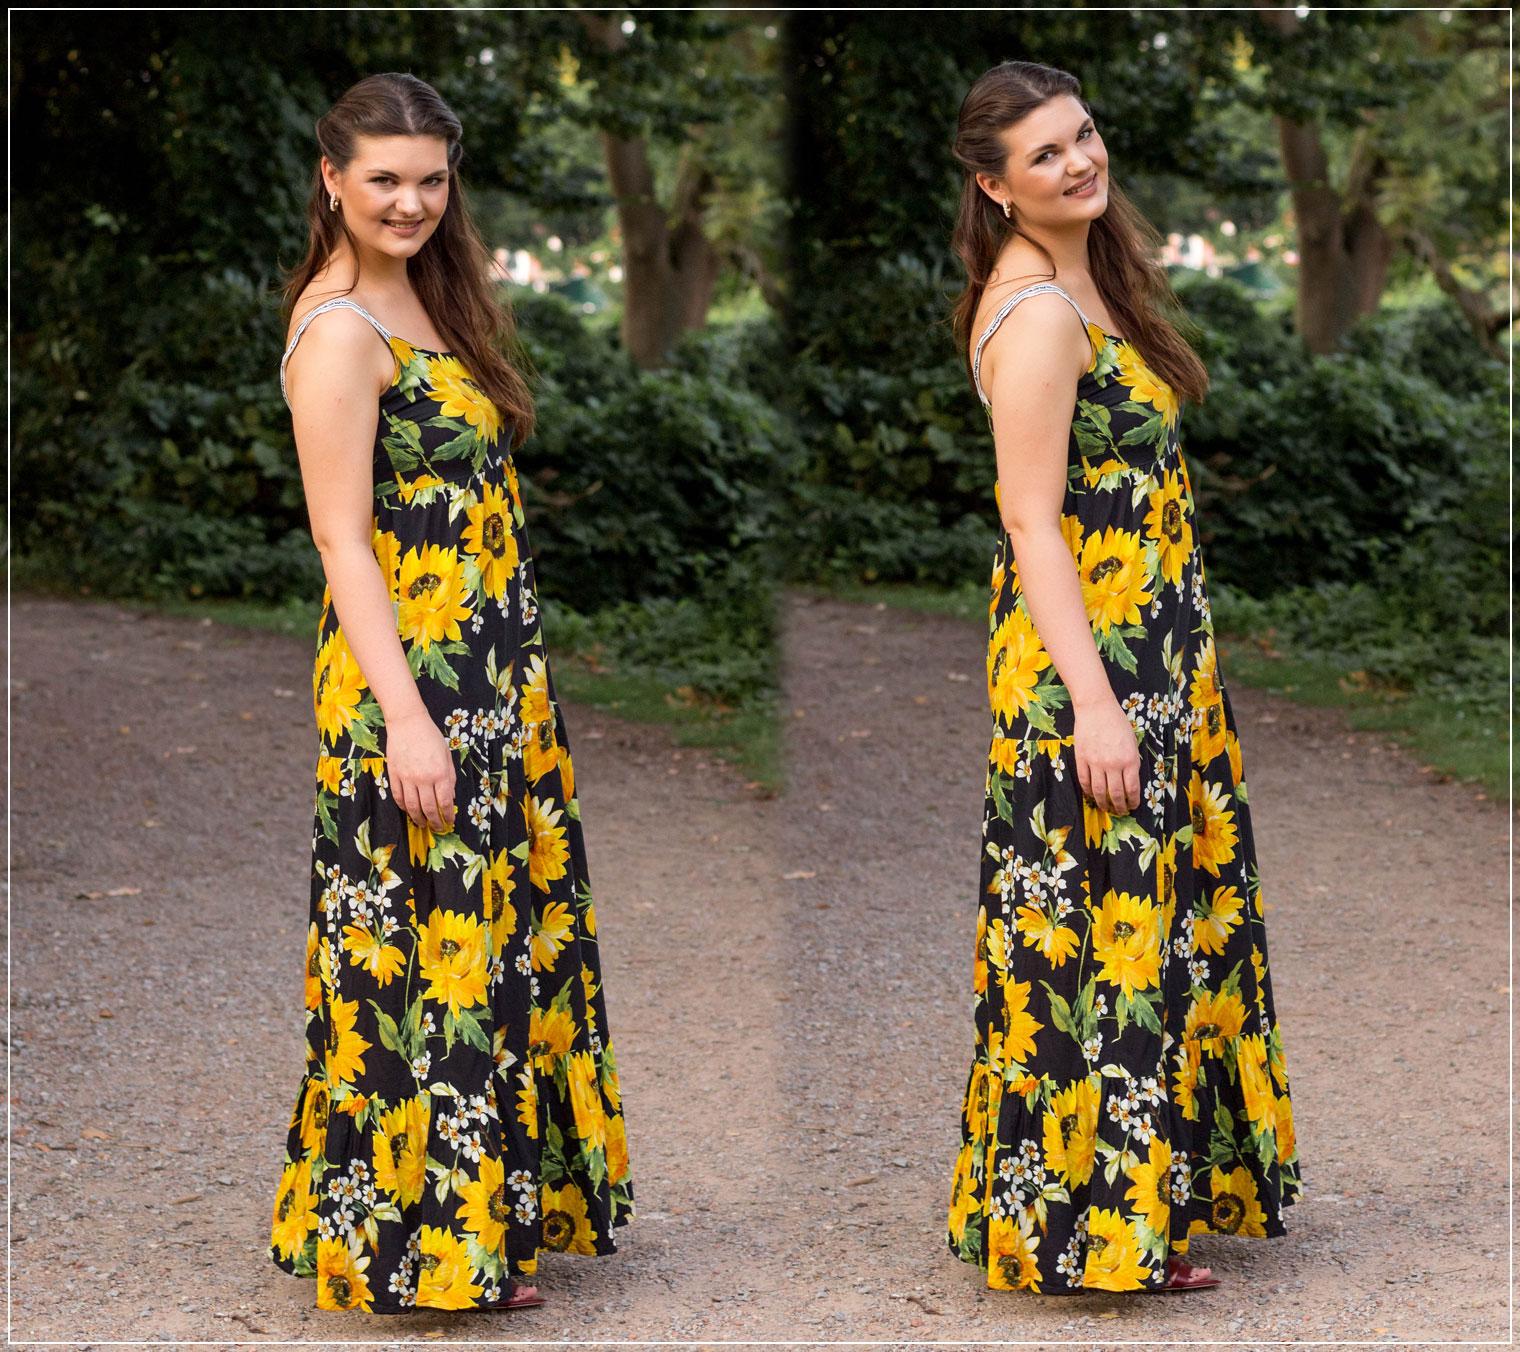 Spätsommer, Maxikleider, Spätersommeroutfit, Sommerkleid, Modetrend, Styleguide, Outfitinspiration, Modebloggerin, Fashionbloggerin, Modeblog, Ruhrgebiet